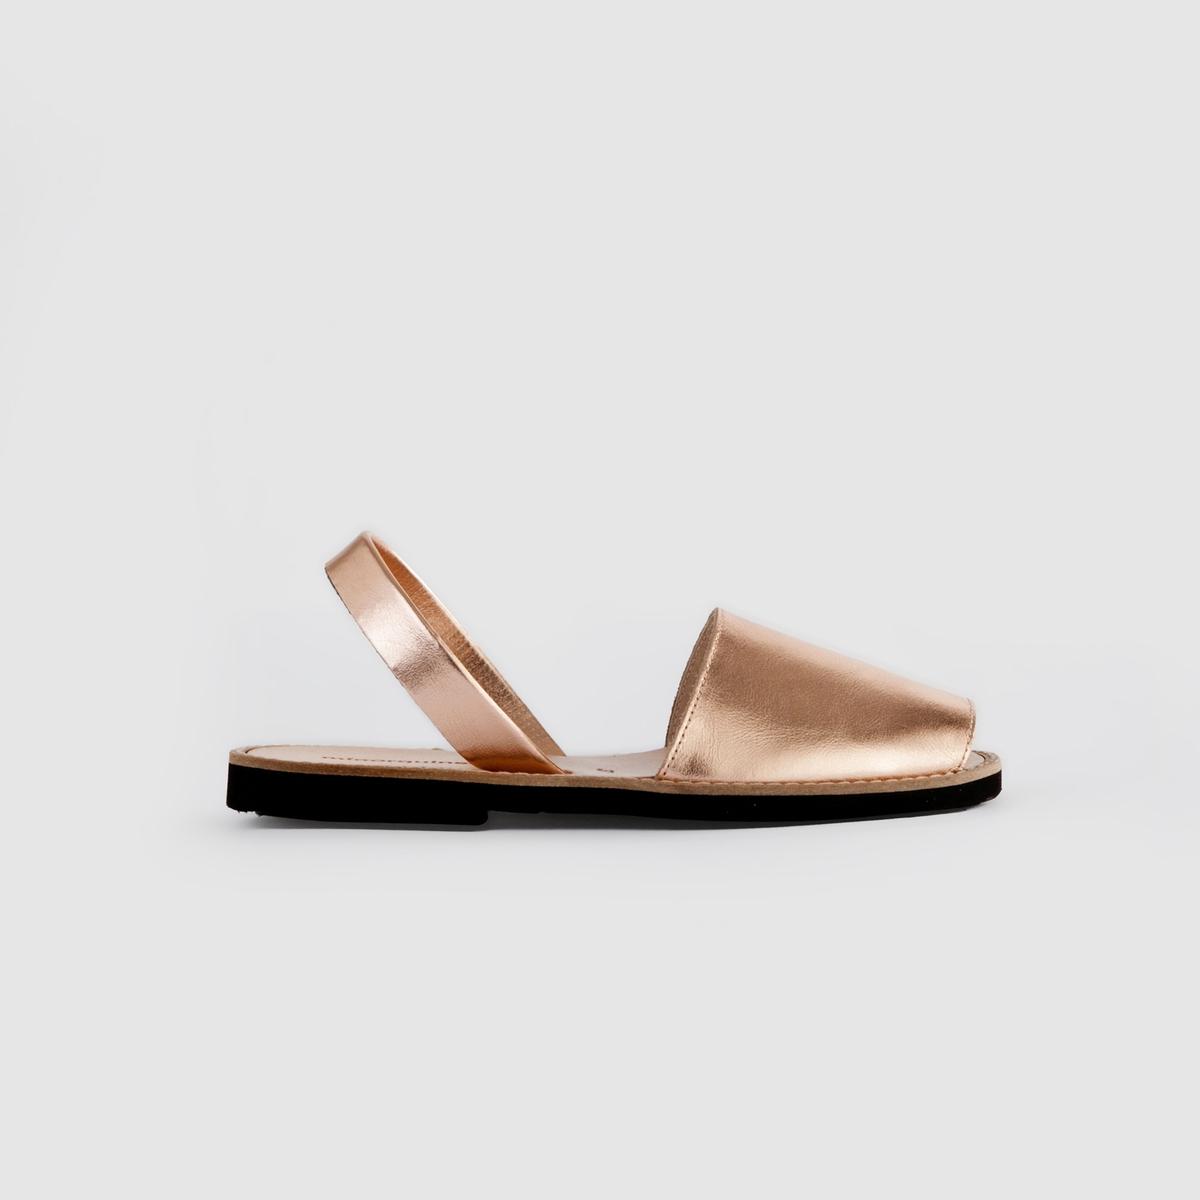 Босоножки кожаные на плоском каблуке AVARCA METAL сапоги кожаные на плоском каблуке 1137